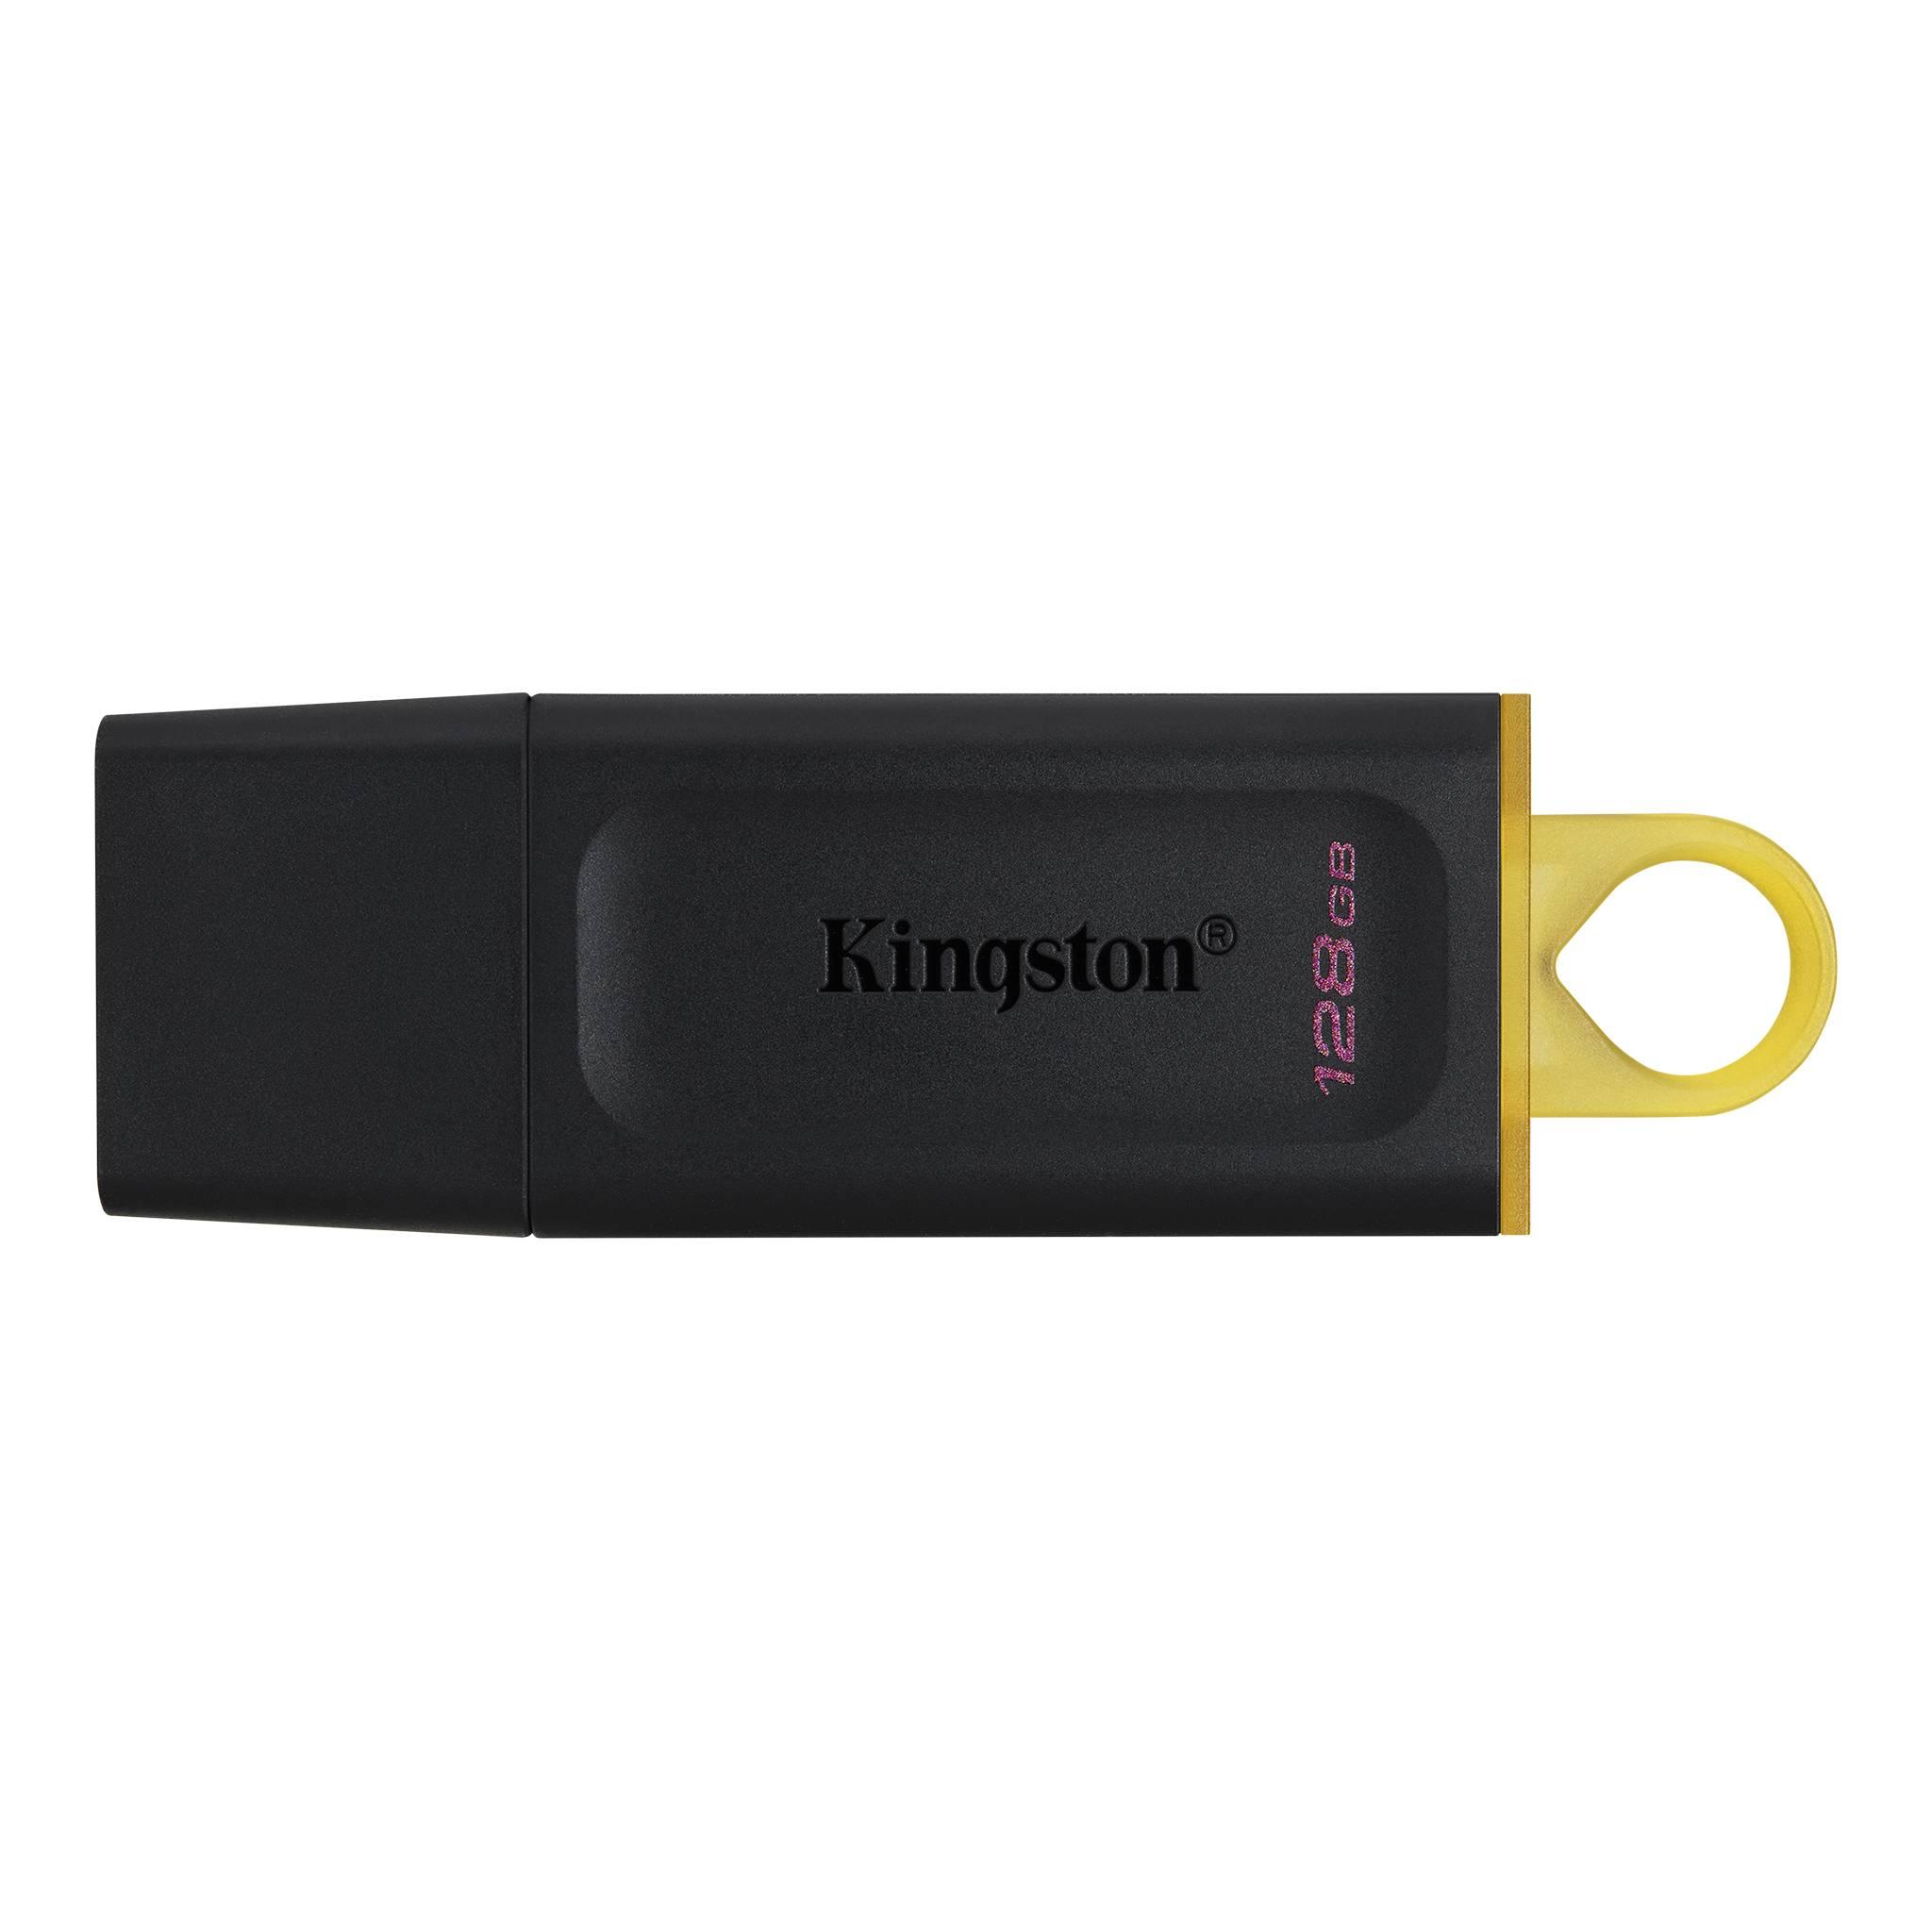 128GB Kingston USB 3.2 (gen 1) DT Exodia žlutá